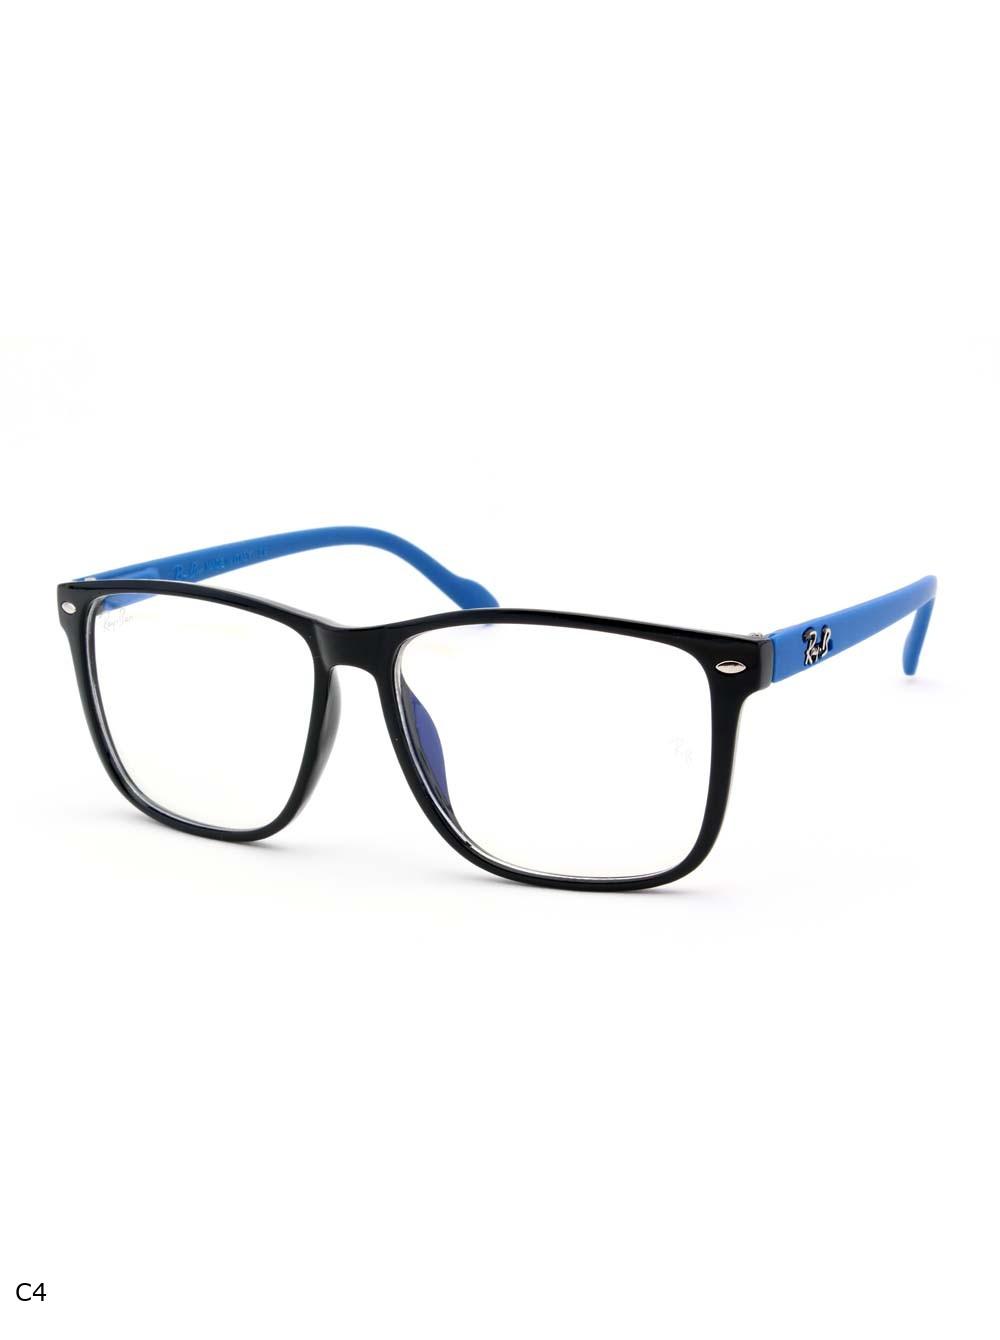 Очки-Эксклюзив - RB0526im